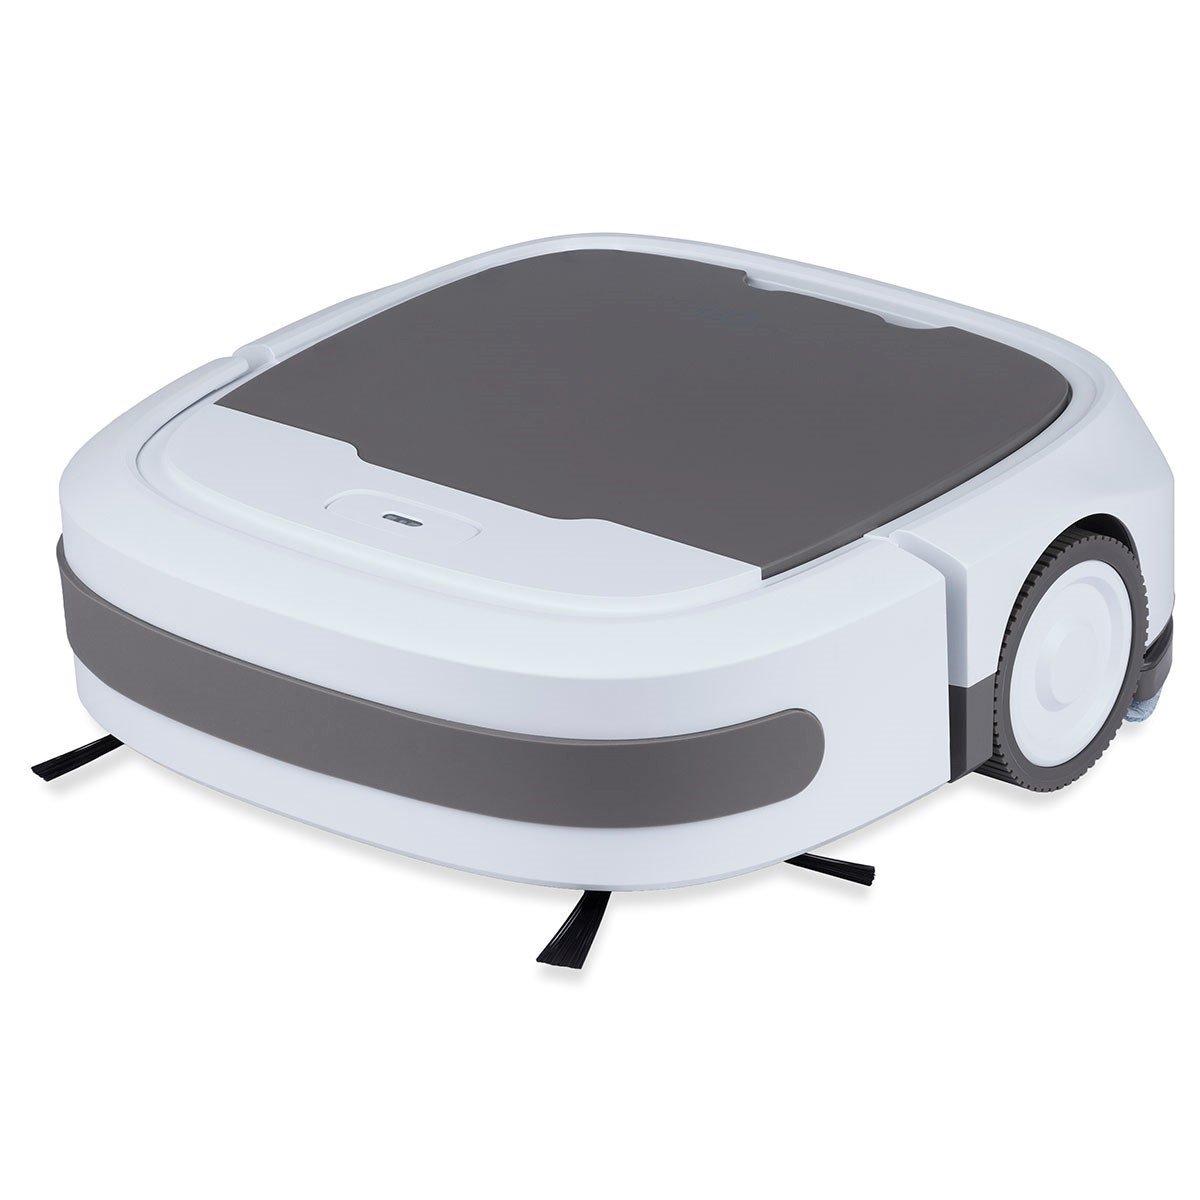 GOCLEVER Comfort Cleaner Aspiradora robot con nasswischfunktion, sensores y 3 diferentes Lavado: Modo automático, espiral Modo, bordes Modo de limpieza ...